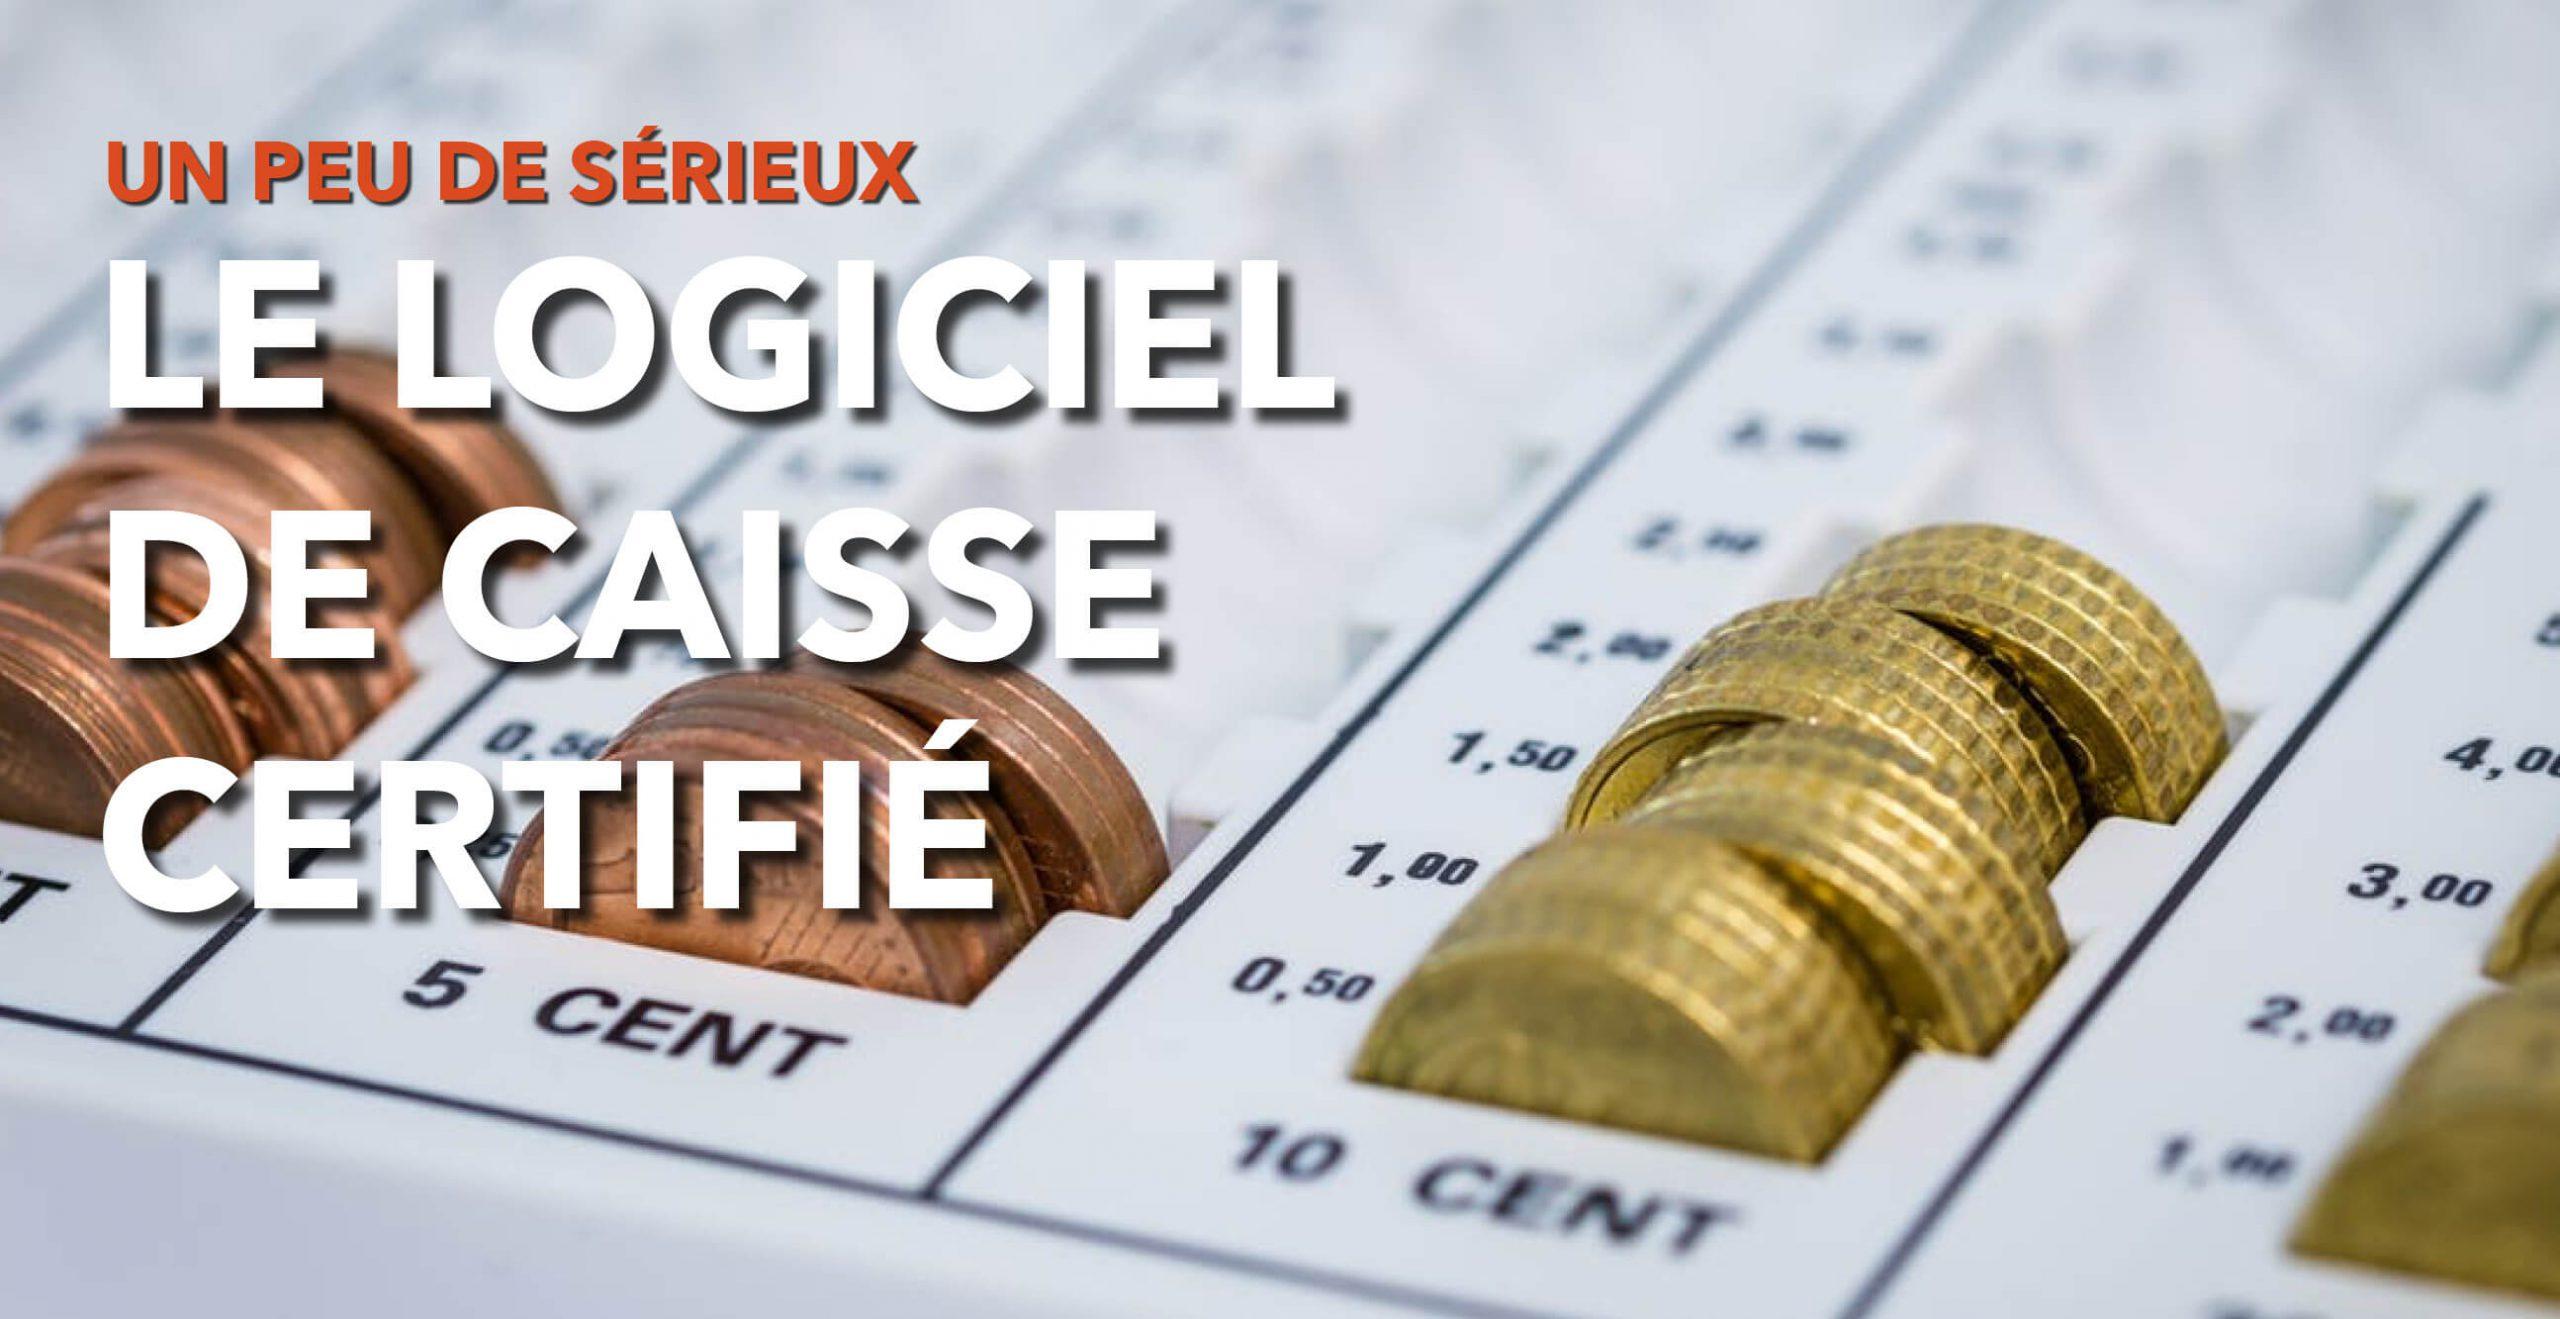 Read more about the article Le logiciel de caisse certifié